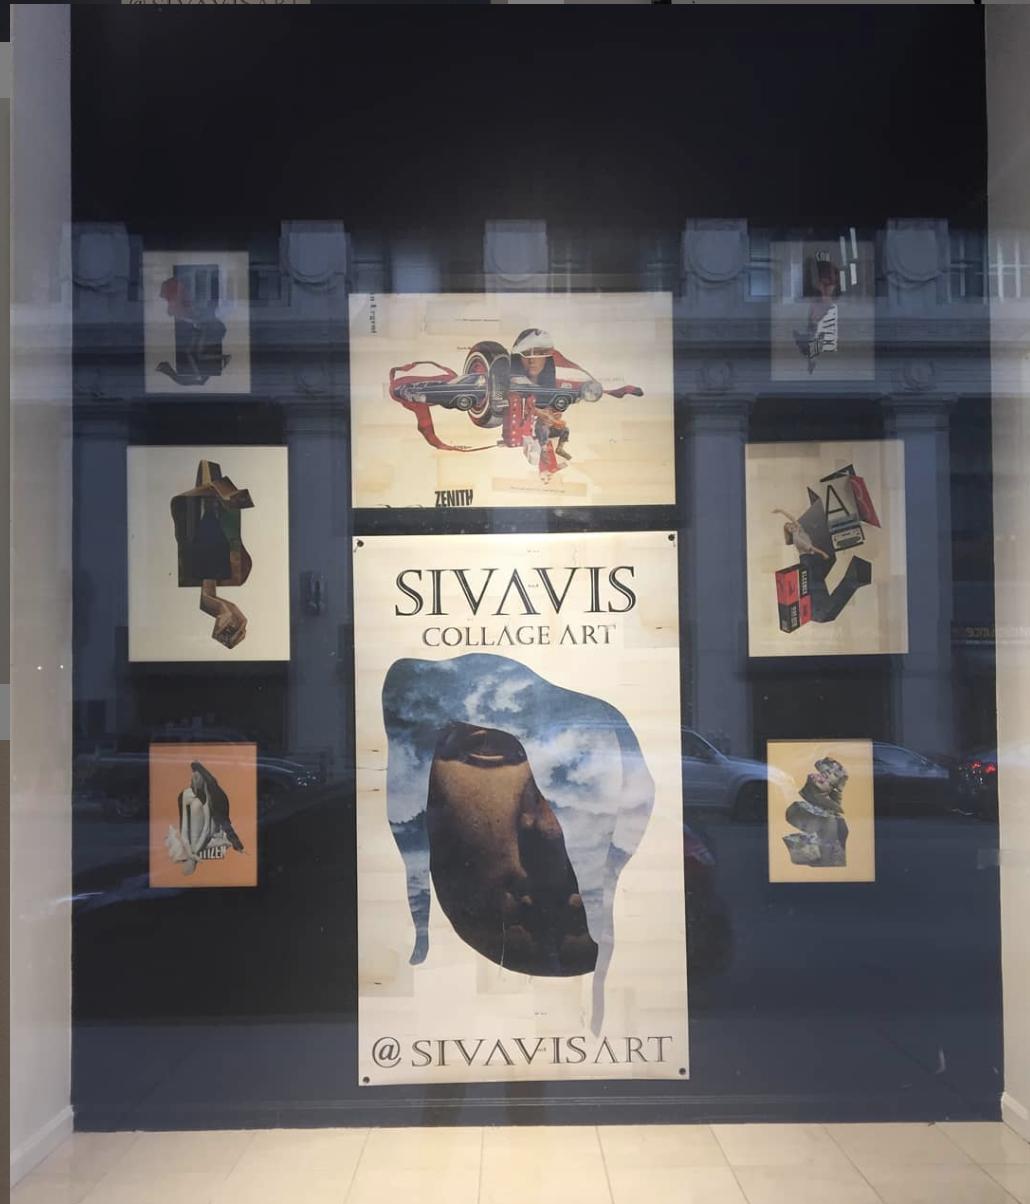 Sivavis